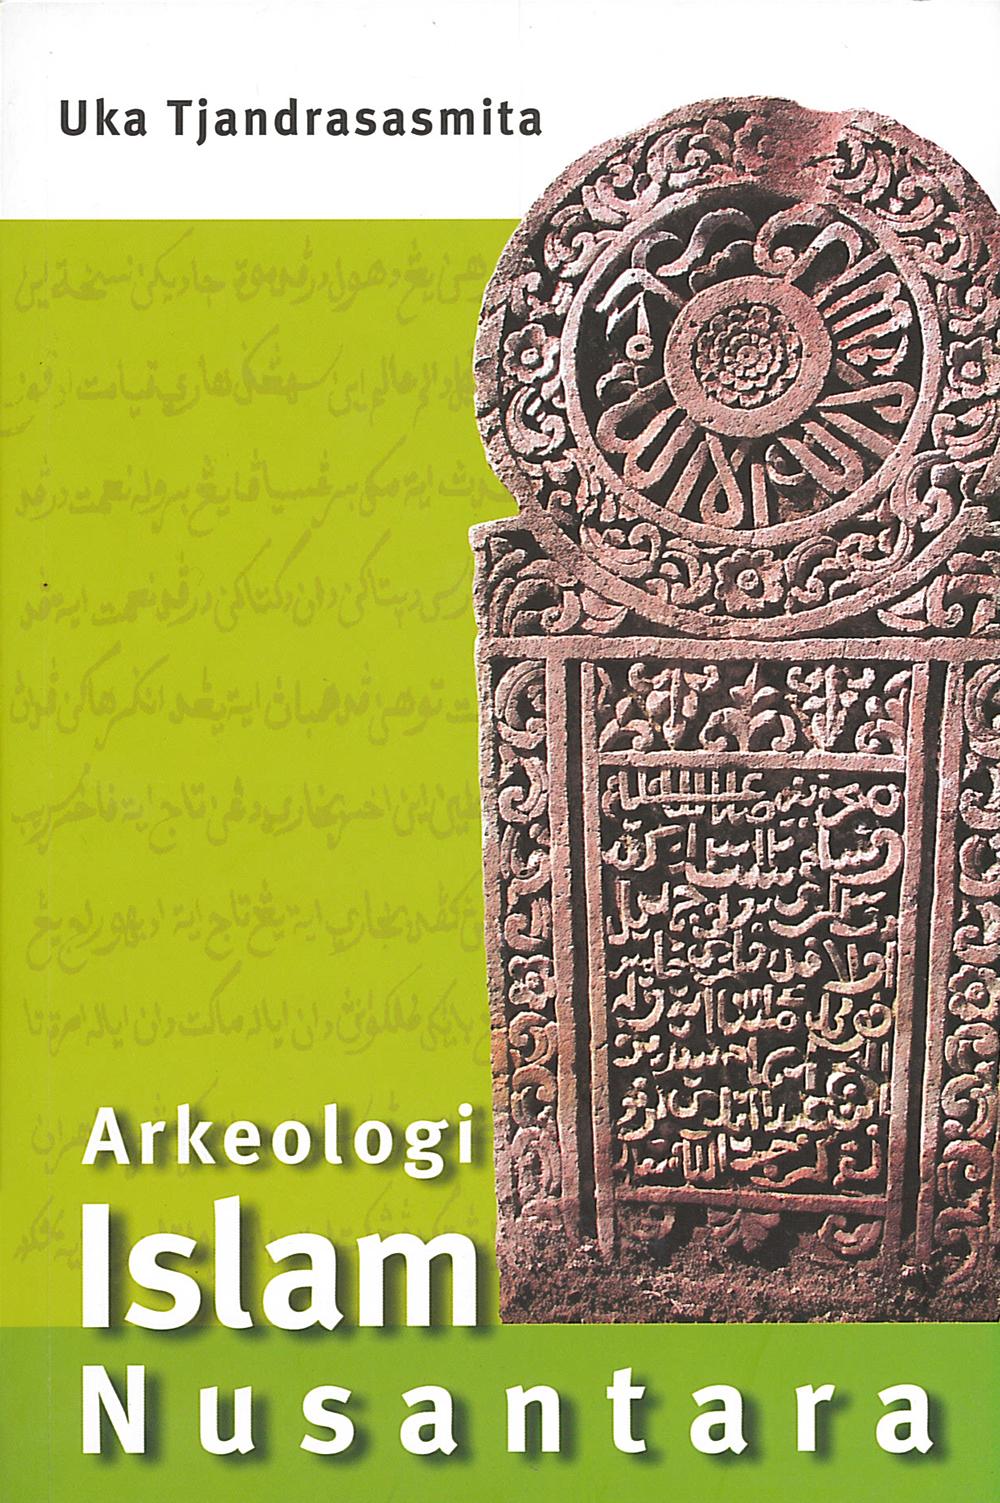 Arkeologi Islam Nusantara